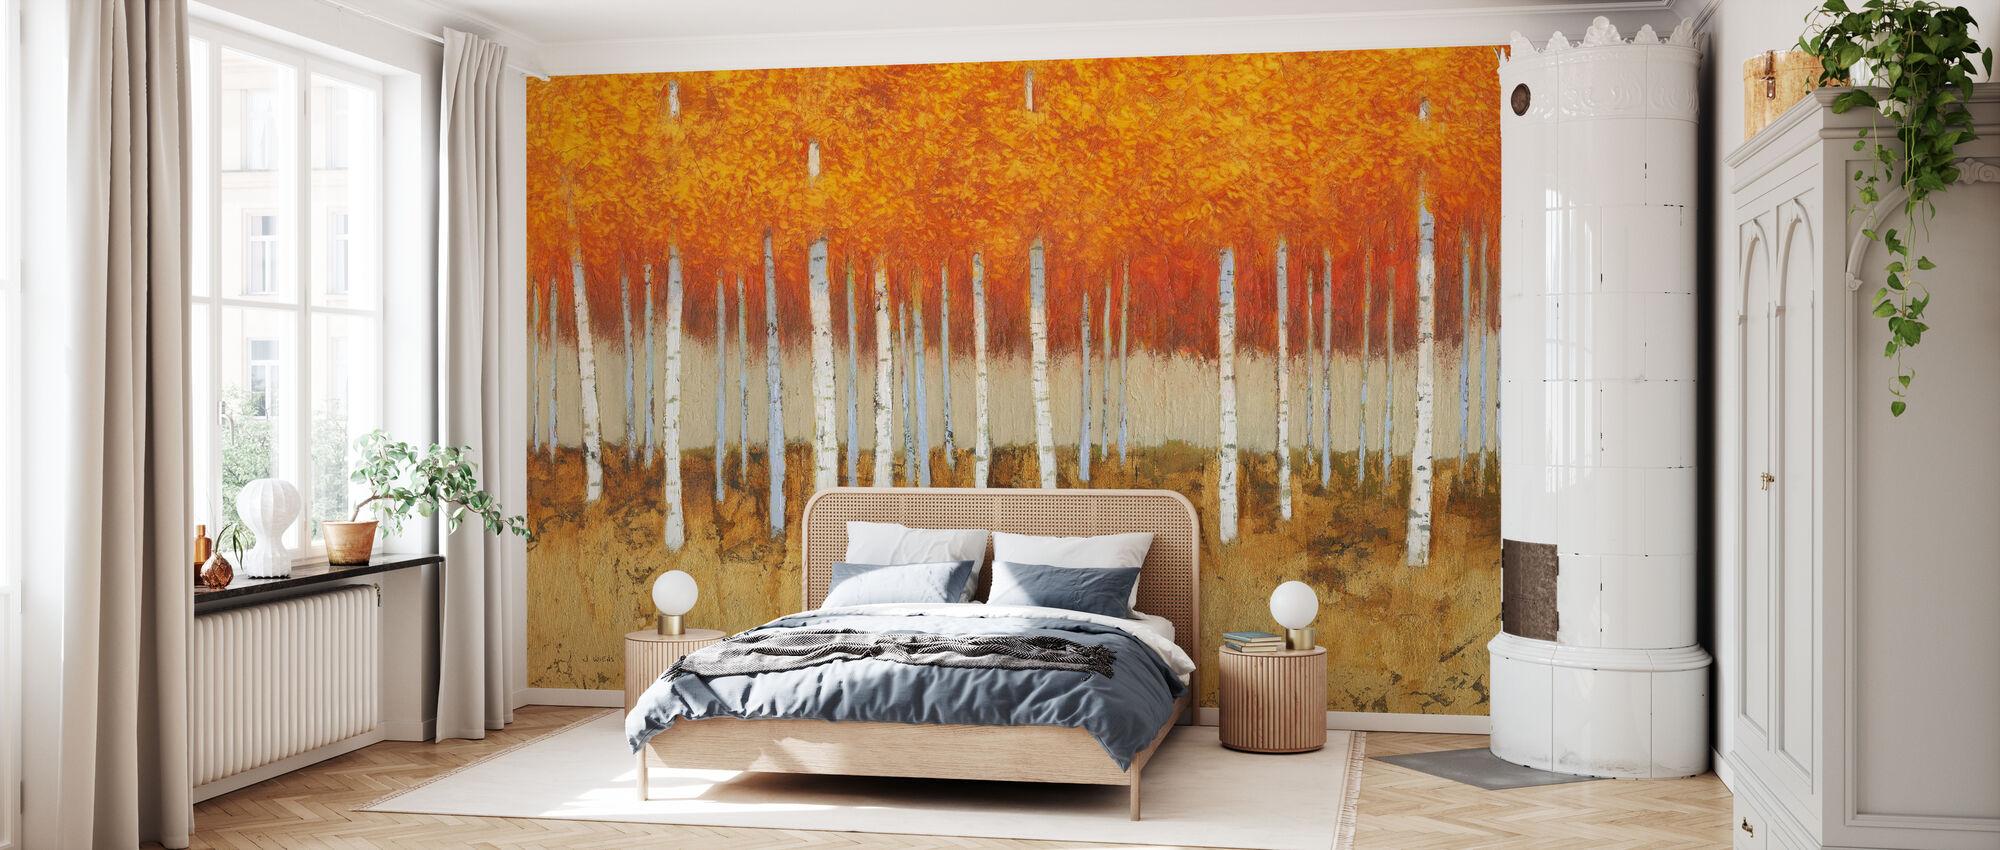 Autumn Birches - Wallpaper - Bedroom